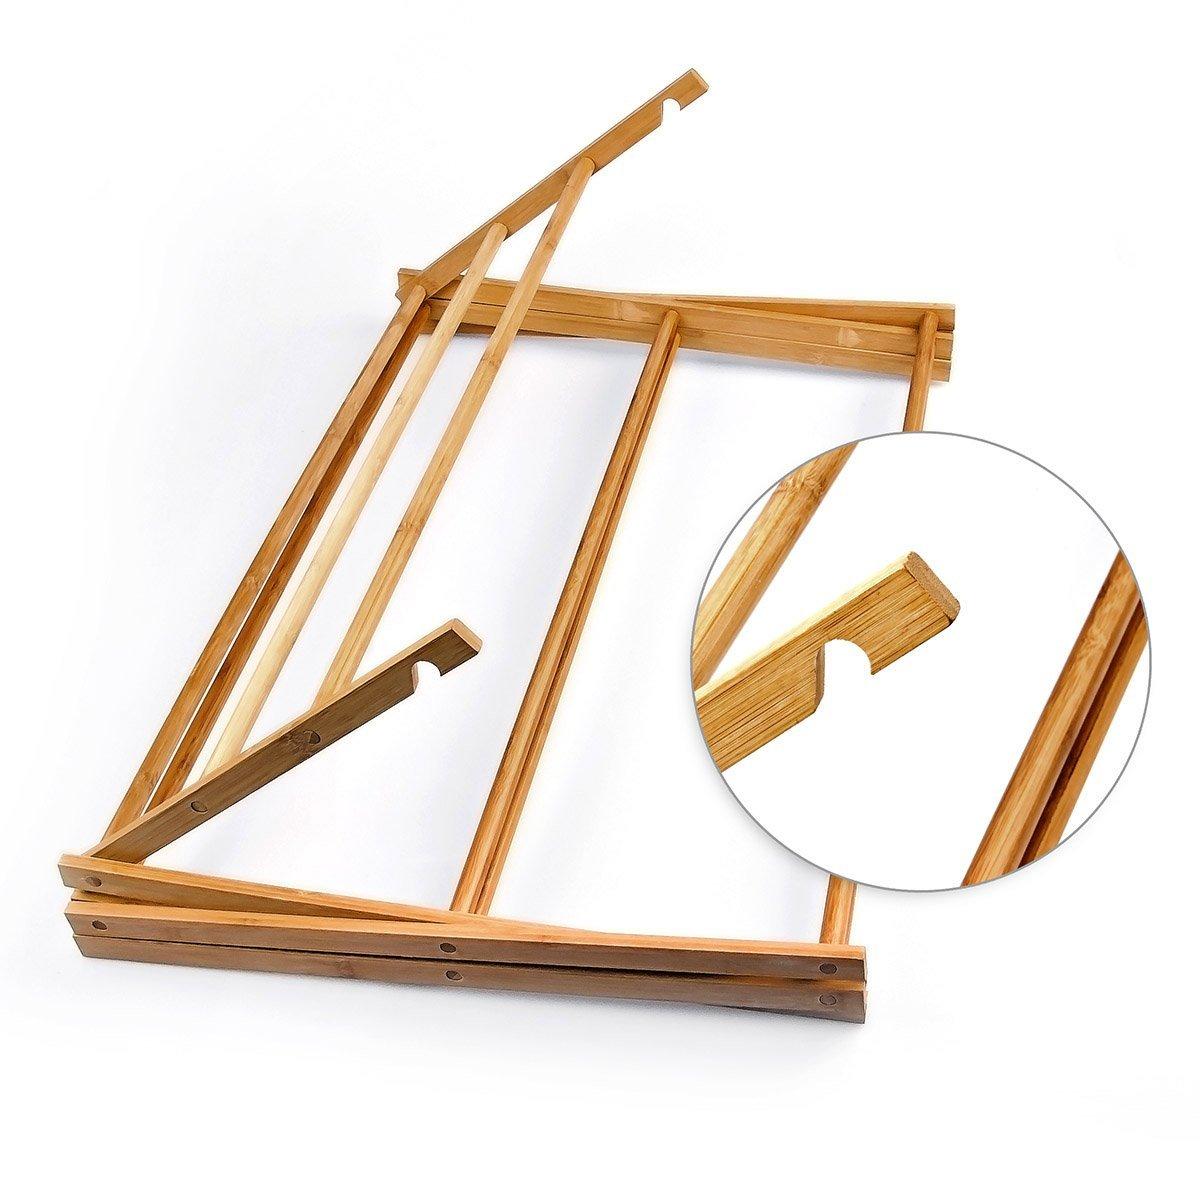 Relaxdays Handtuchhalter Bambus faltbar HBT 73 x 74 x 36 cm klappbarer Handtuchst/änder aus Holz mit 8 Handtuchstangen als platzsparender W/äschest/änder Herrendiener oder Handtuchtrockner natur